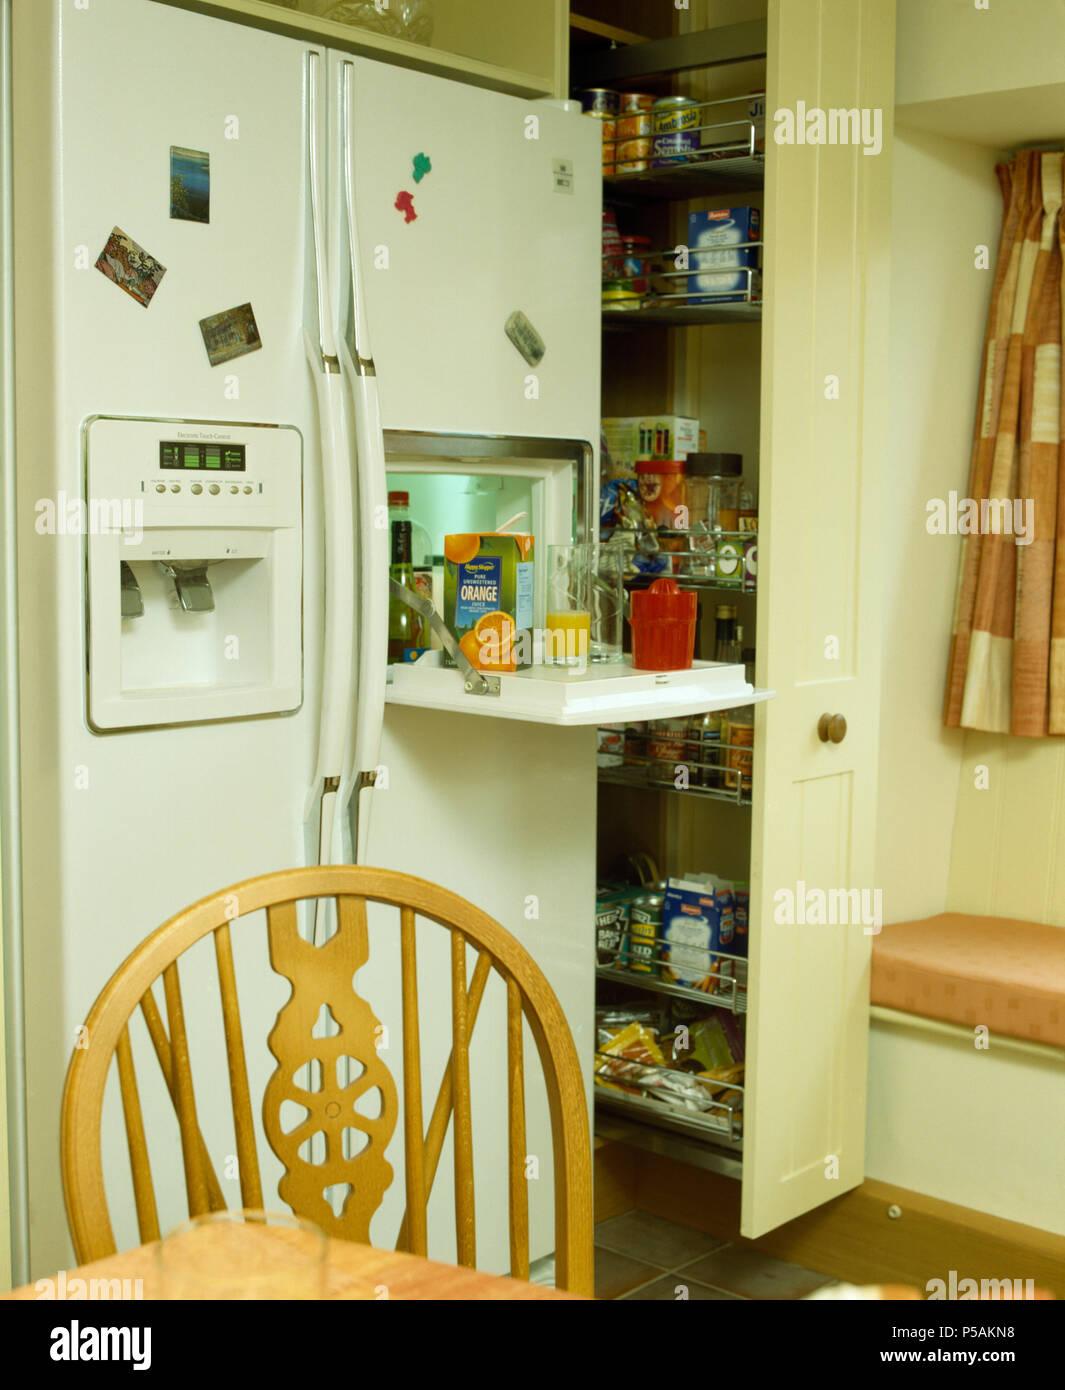 Küche Mit Amerikanischem Kühlschrank Und Ausziehbarem Speisekammer Schrank